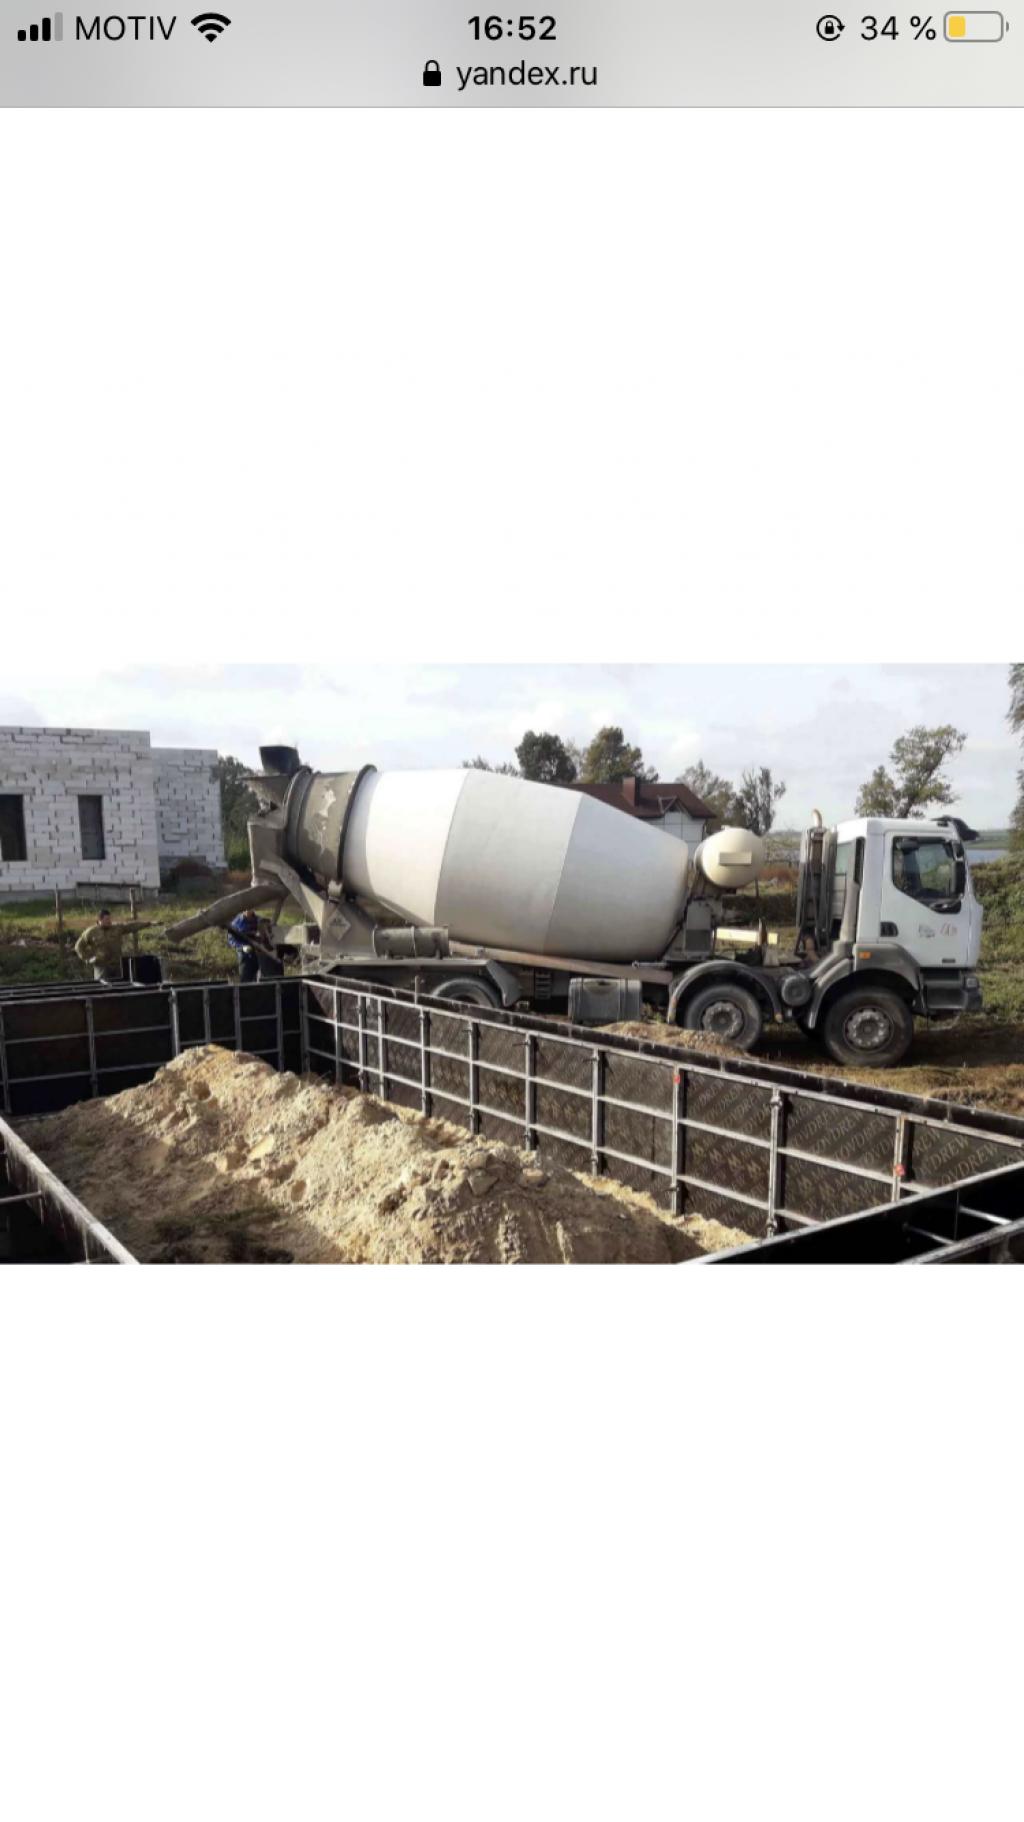 Купить бетон в лесном свердловской области прогрев бетона как